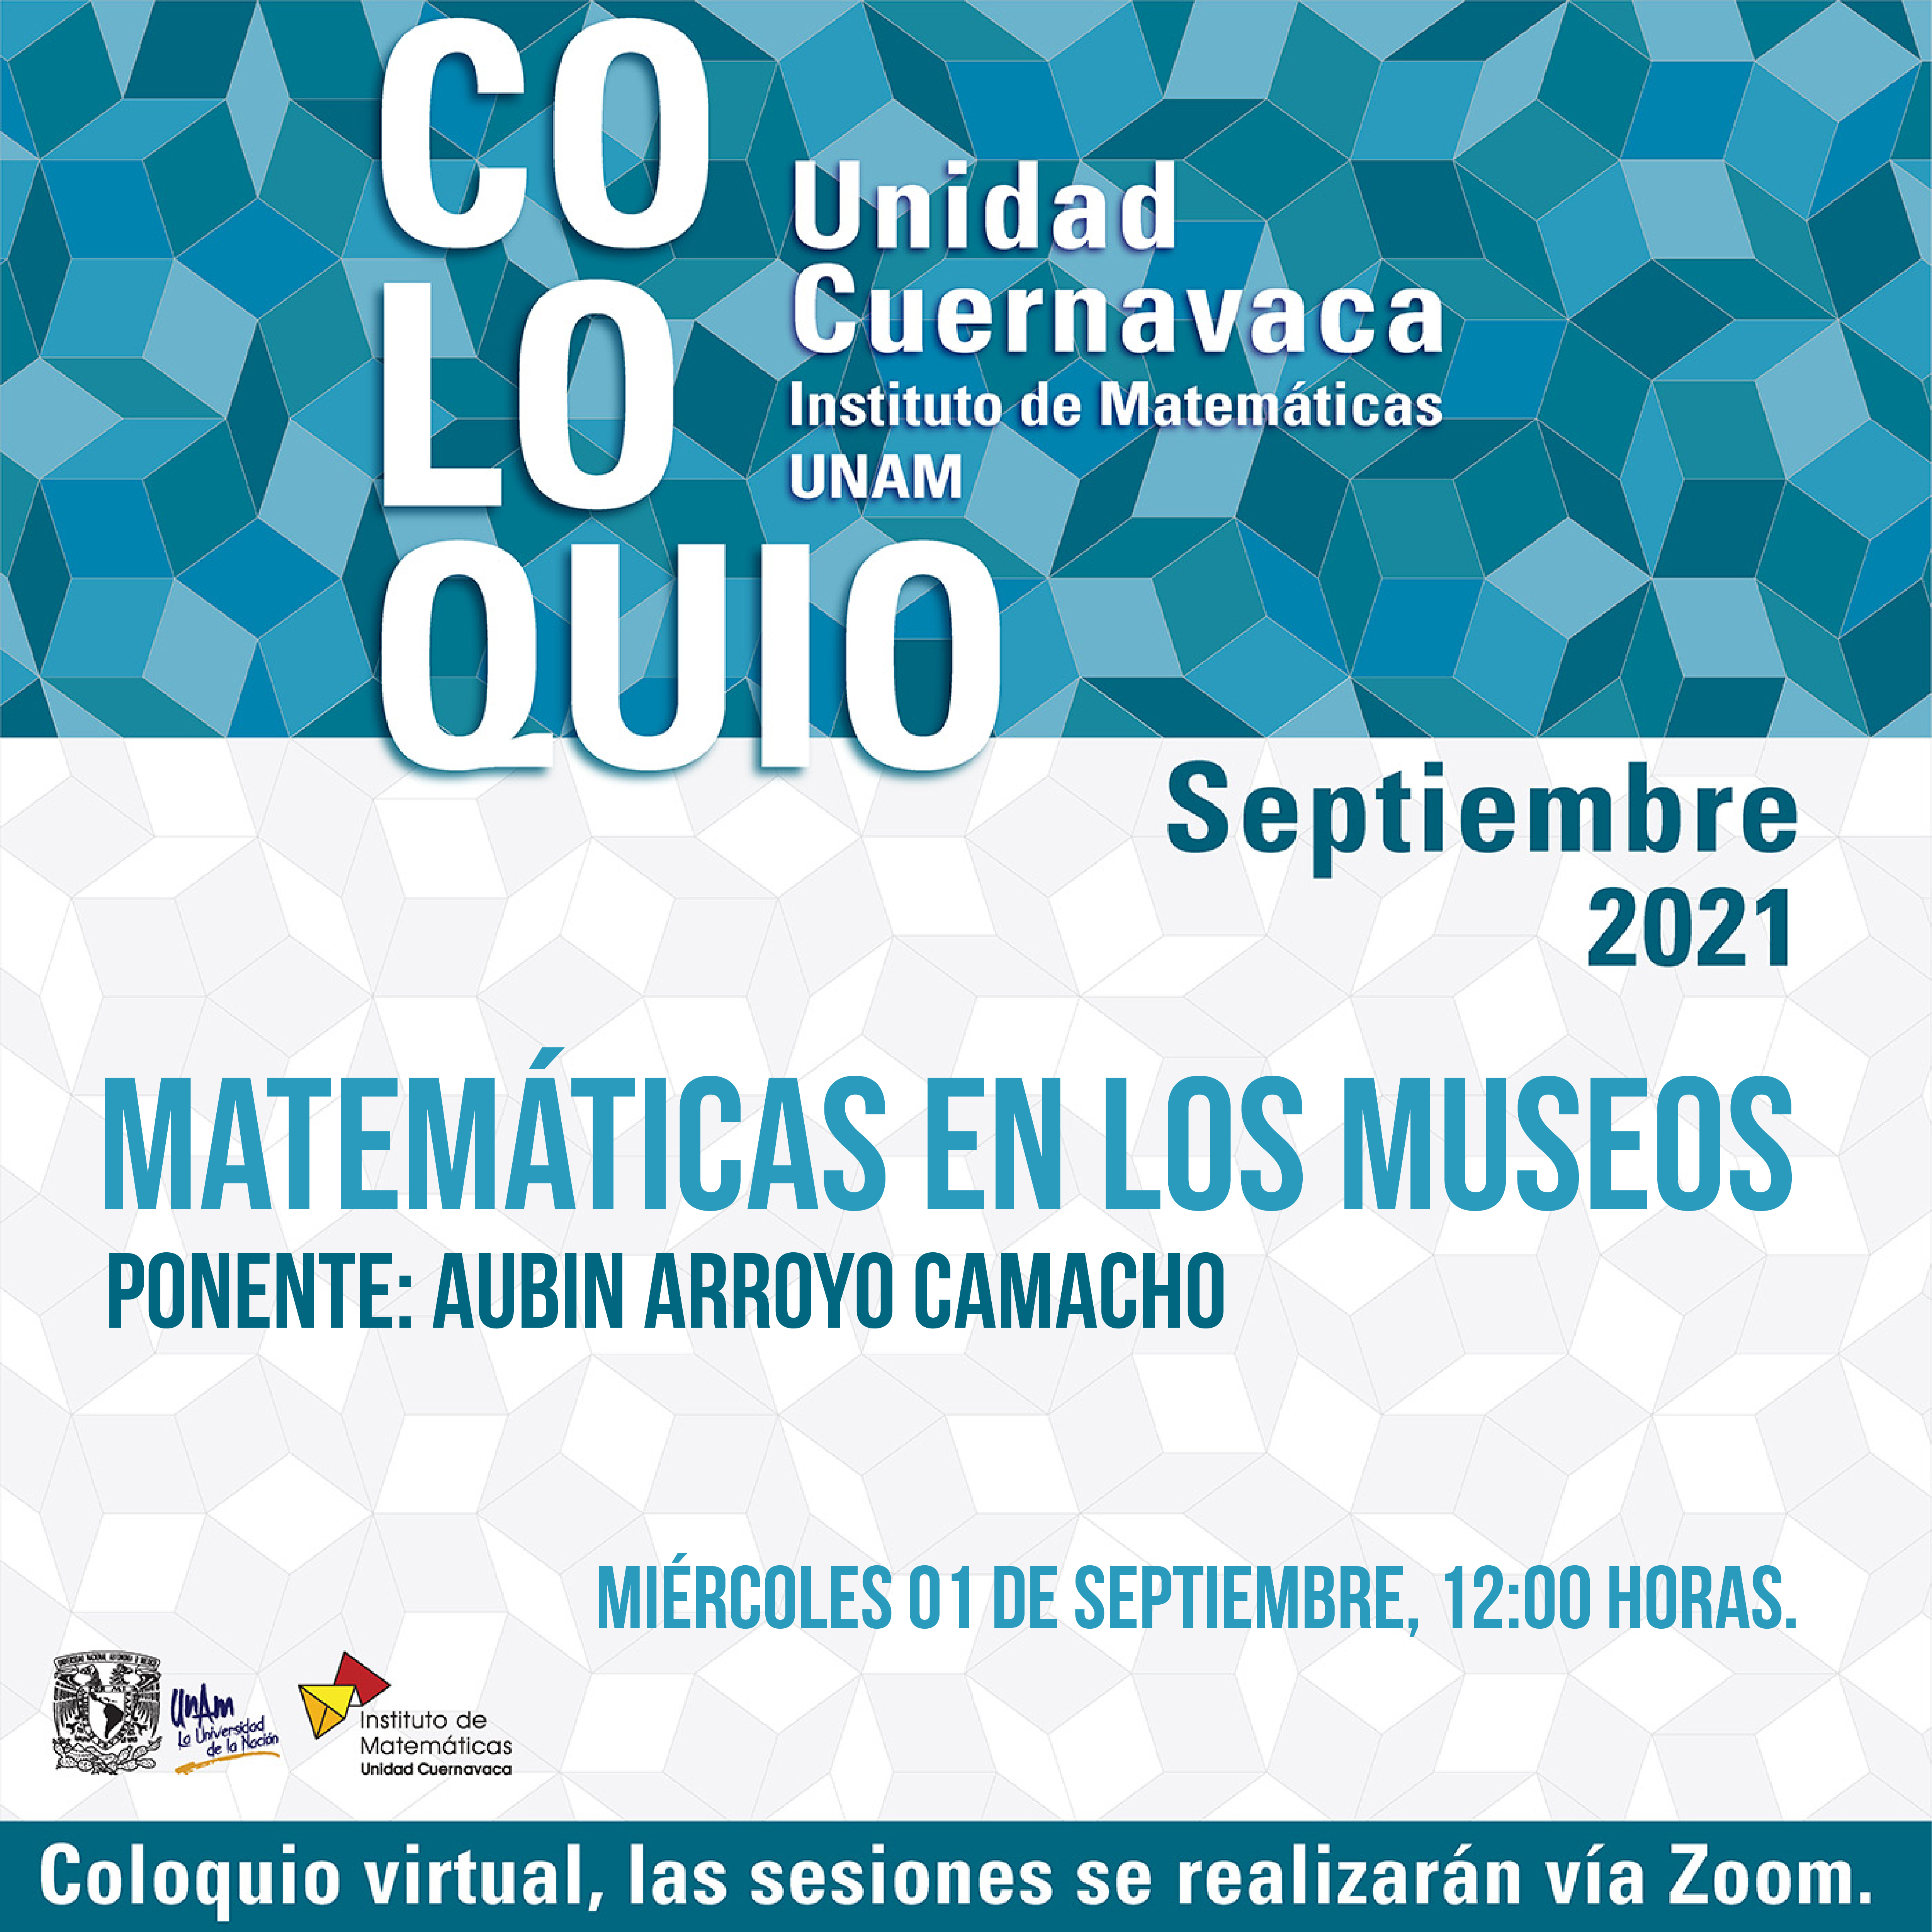 Coloquio Cuernavaca, septiembre